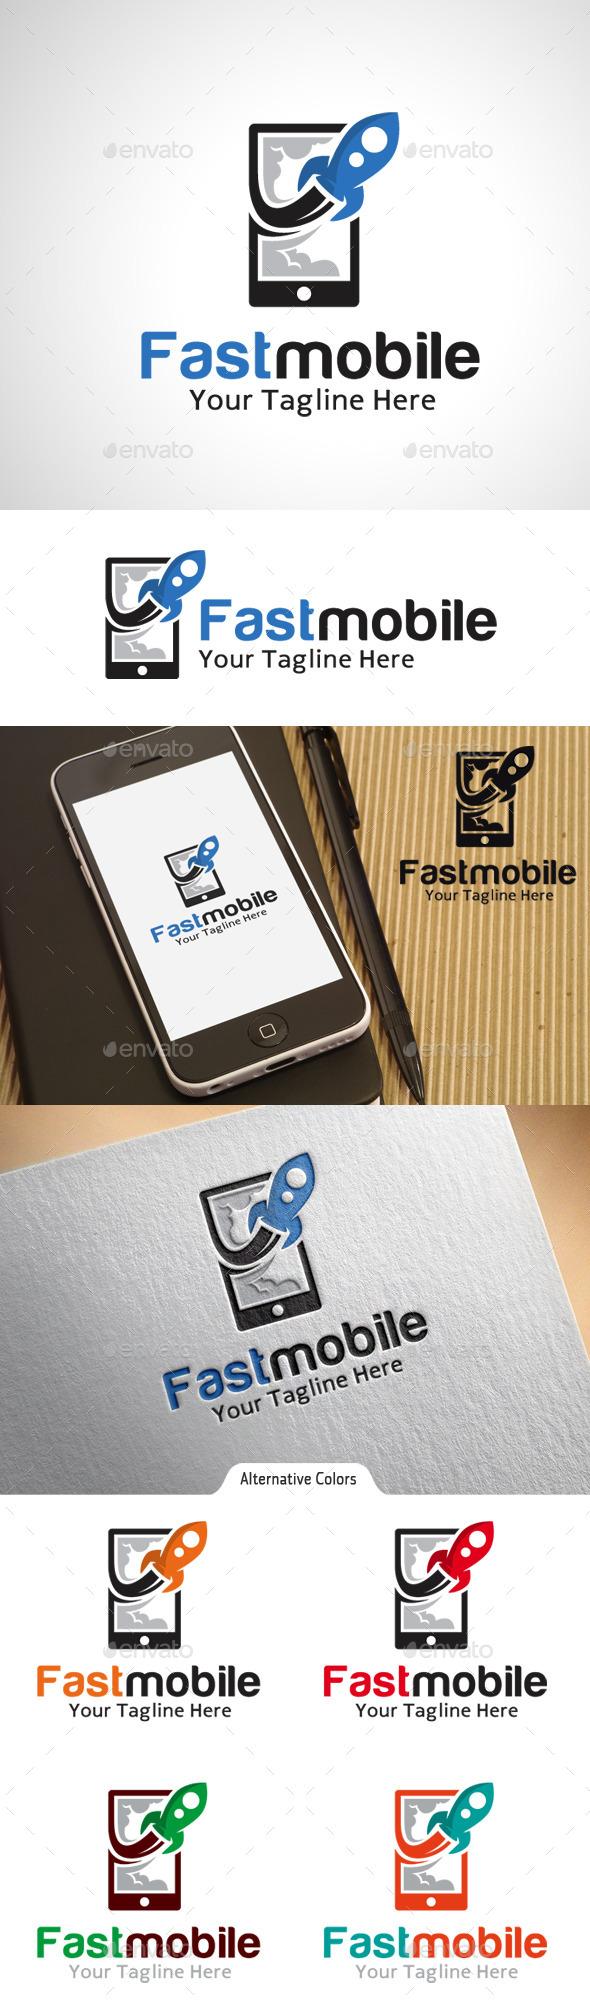 GraphicRiver Fast Mobile Logo 10575488